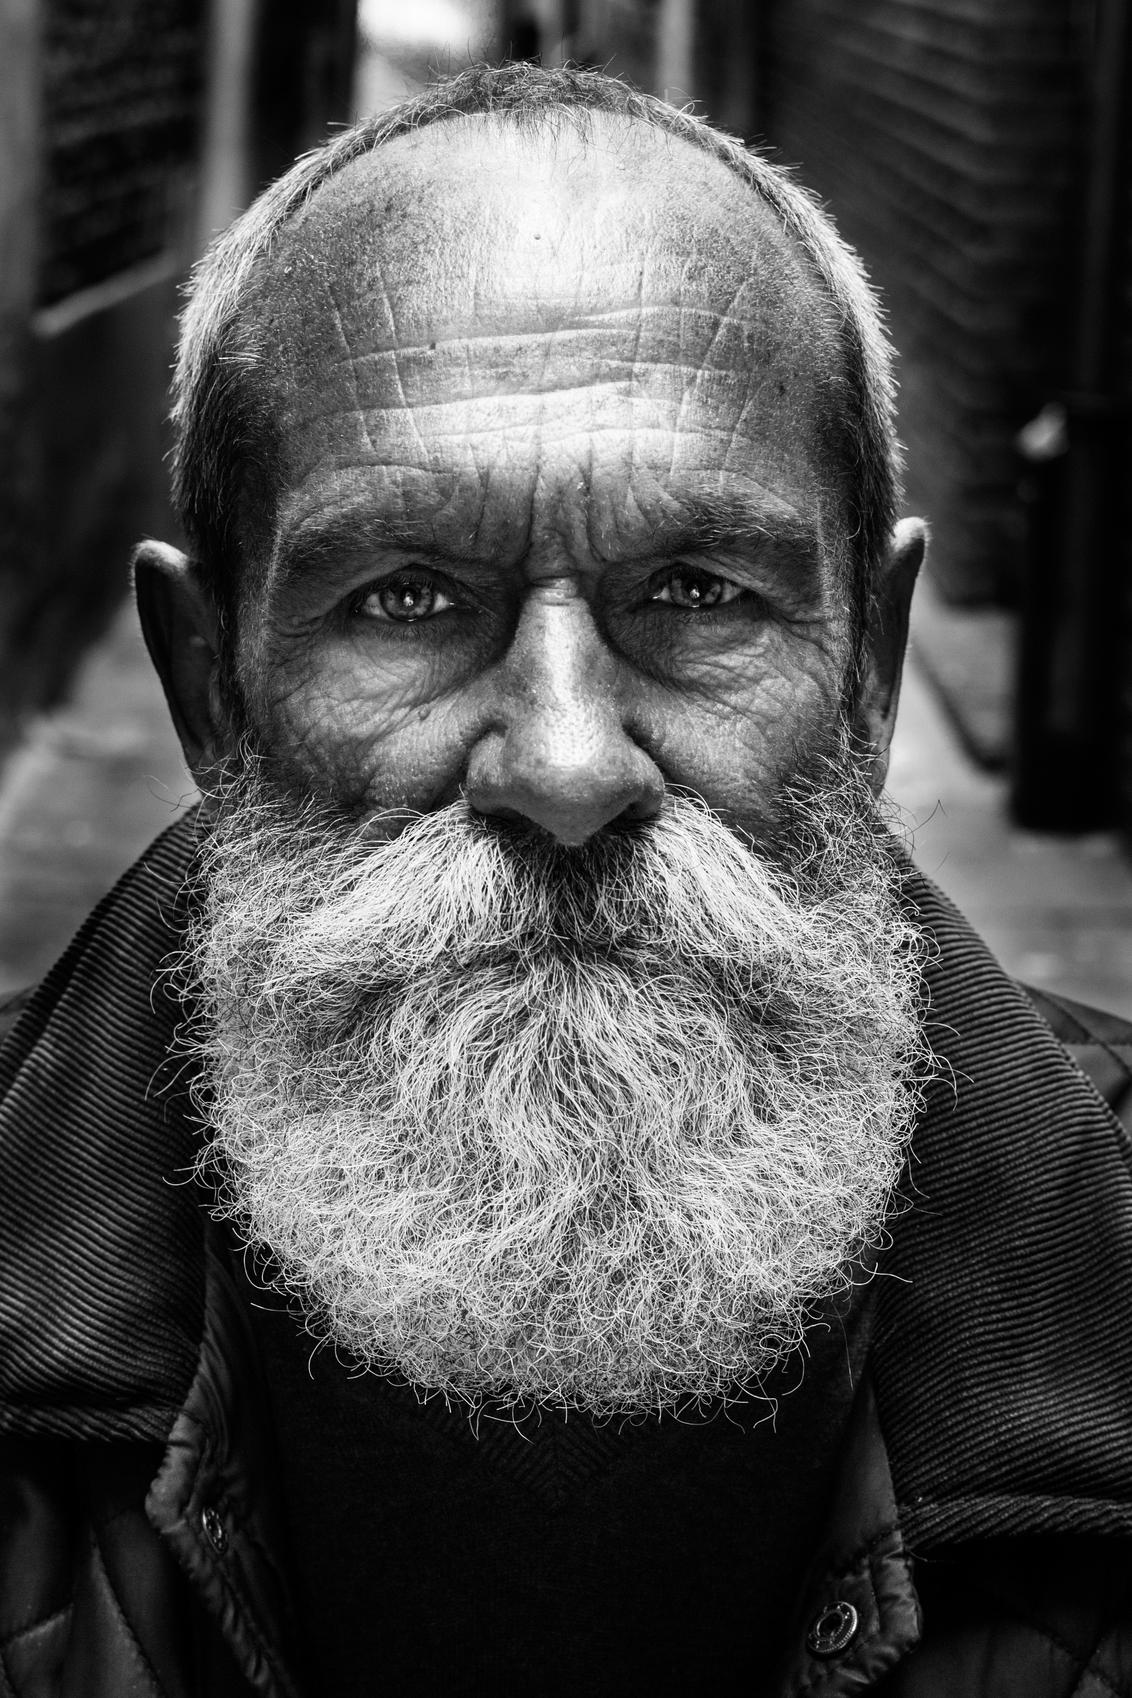 Mystery behind the beard - Een keer een hele andere stijl... Lee jeffries inspiratie - foto door anoukstrijbos op 25-07-2016 - deze foto bevat: mensen, donker, portret, schaduw, daglicht, zwartwit